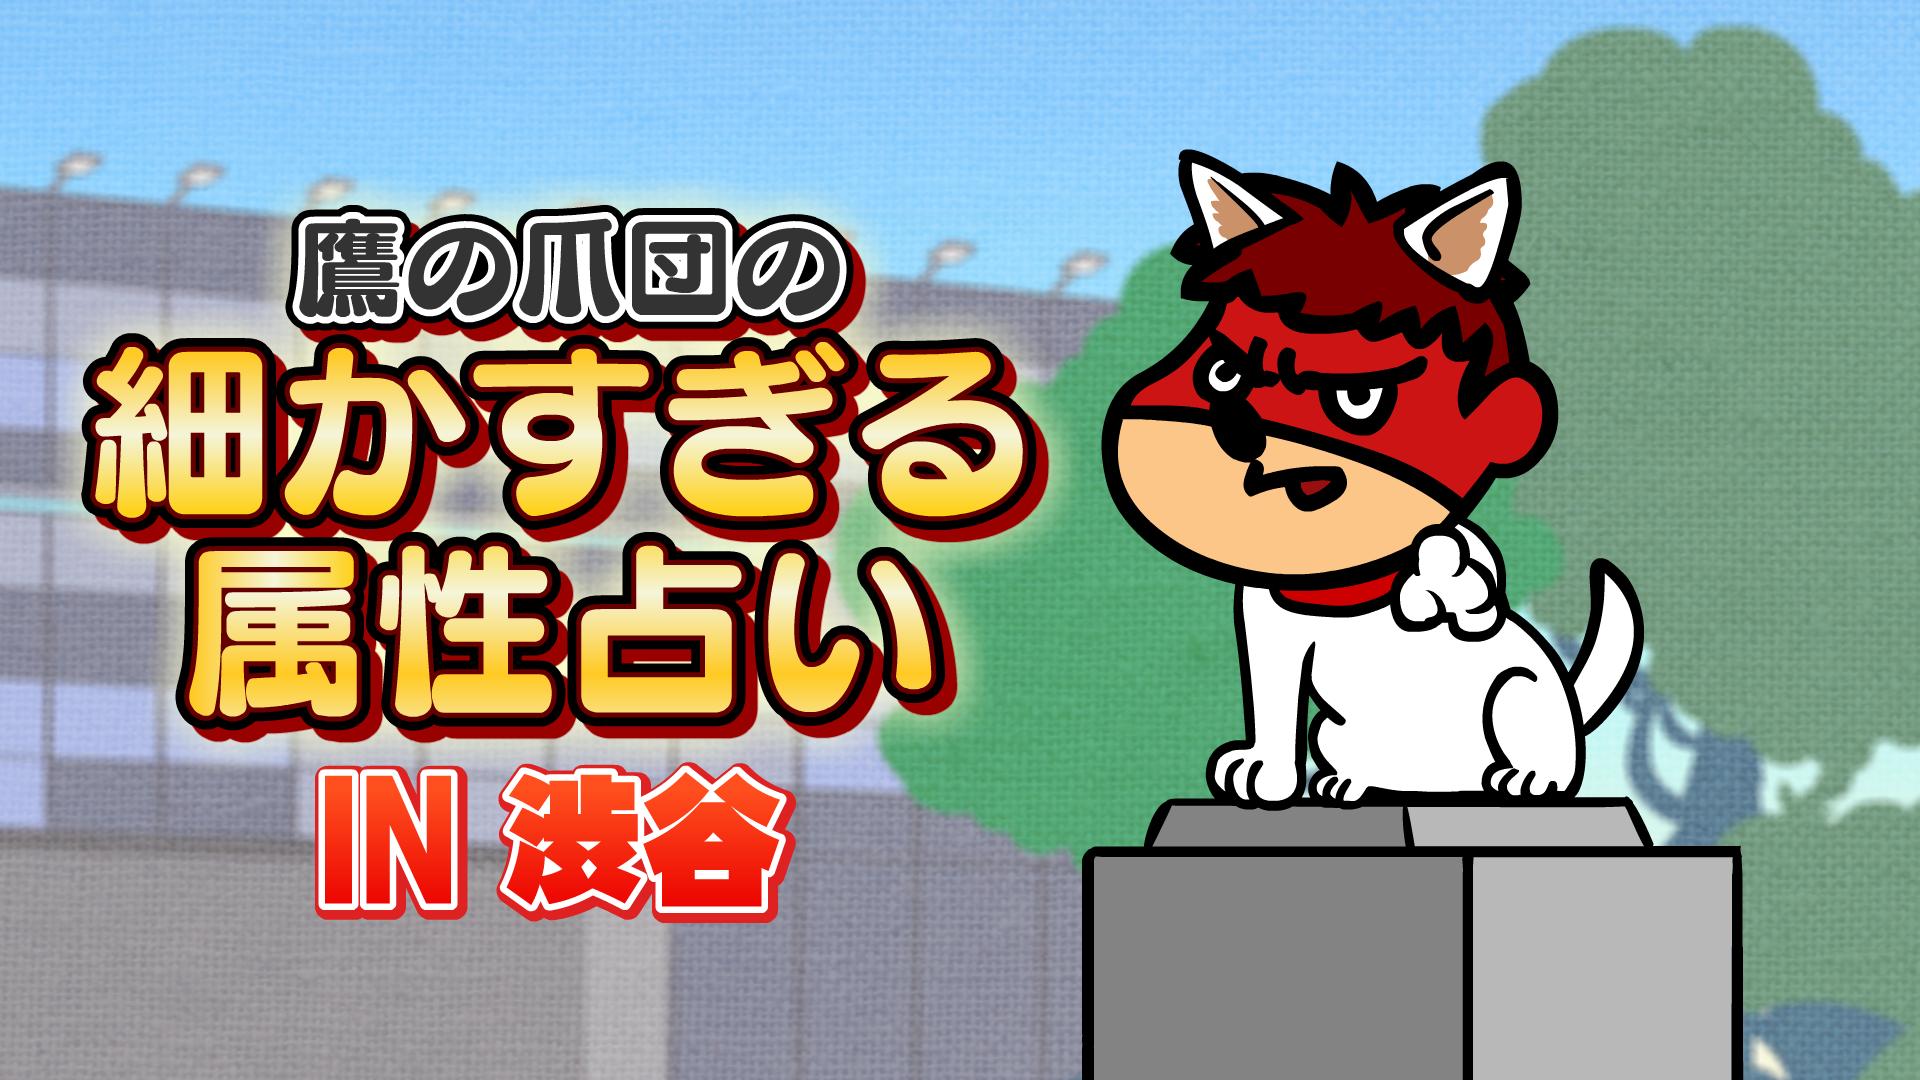 【鷹の爪】鷹の爪団が渋谷、原宿の街頭ビジョンを征服『細かすぎる属性占い』を公開!